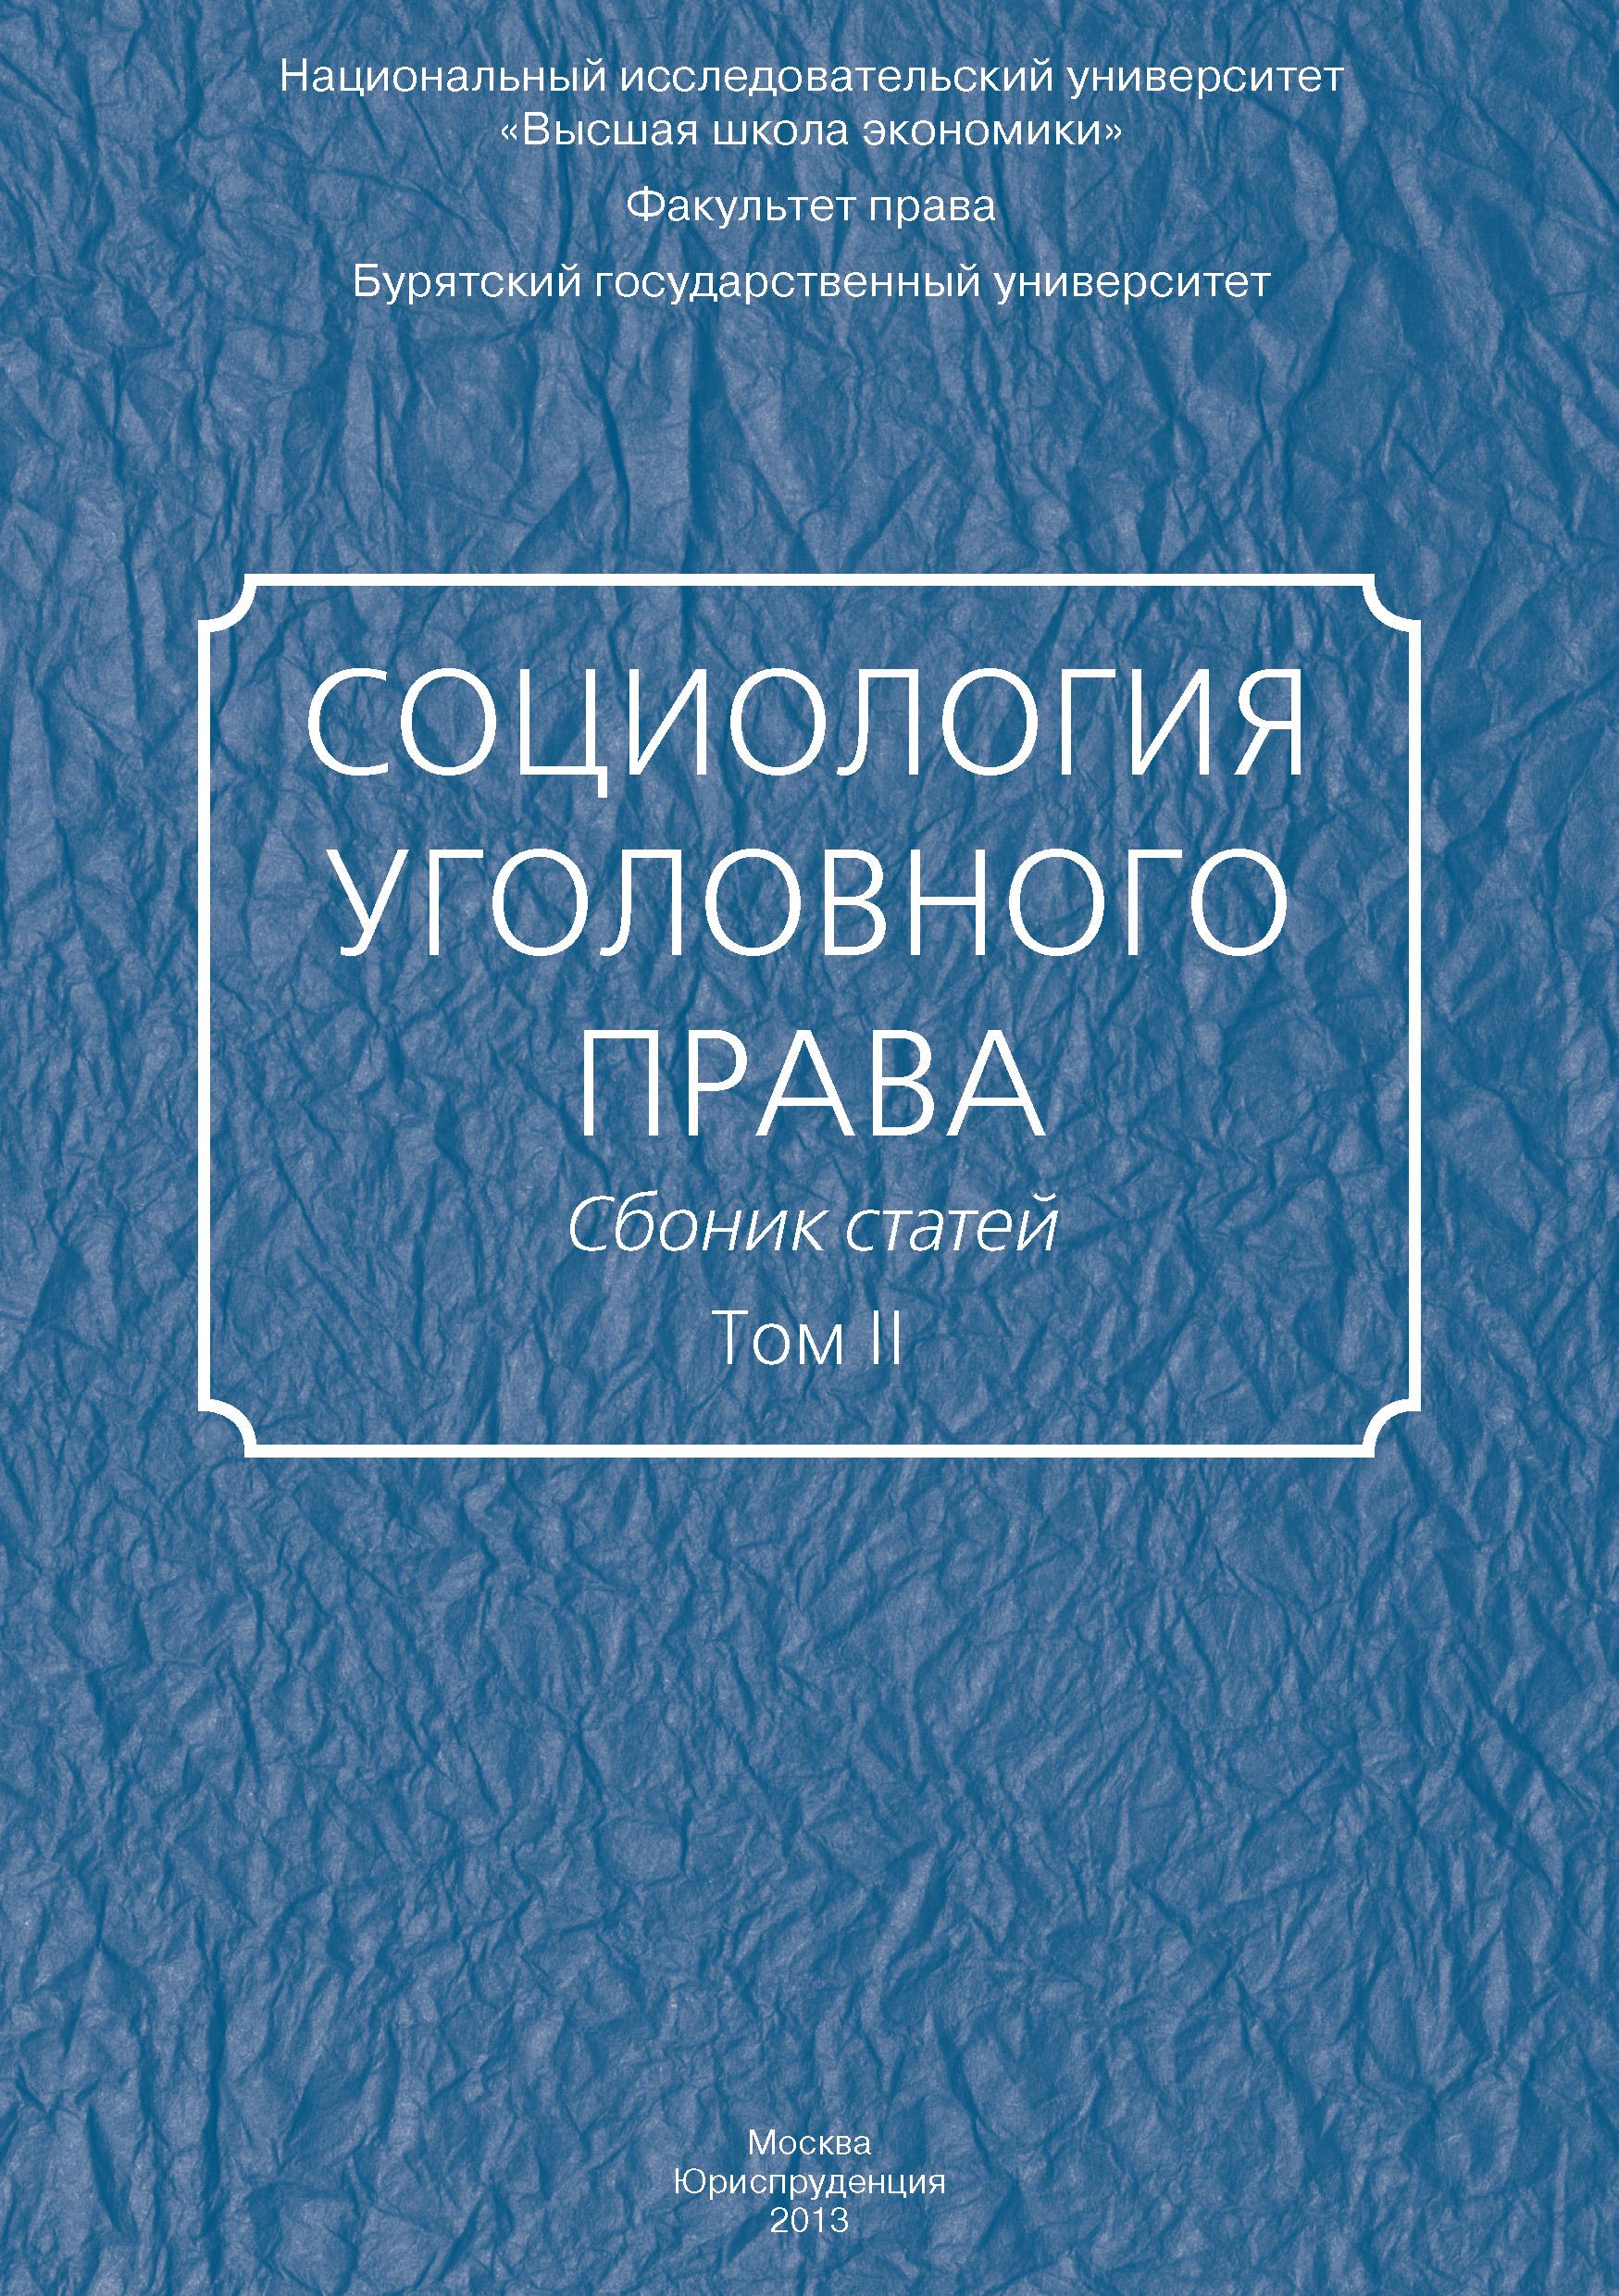 Социология уголовного права. Сборник статей. Том II